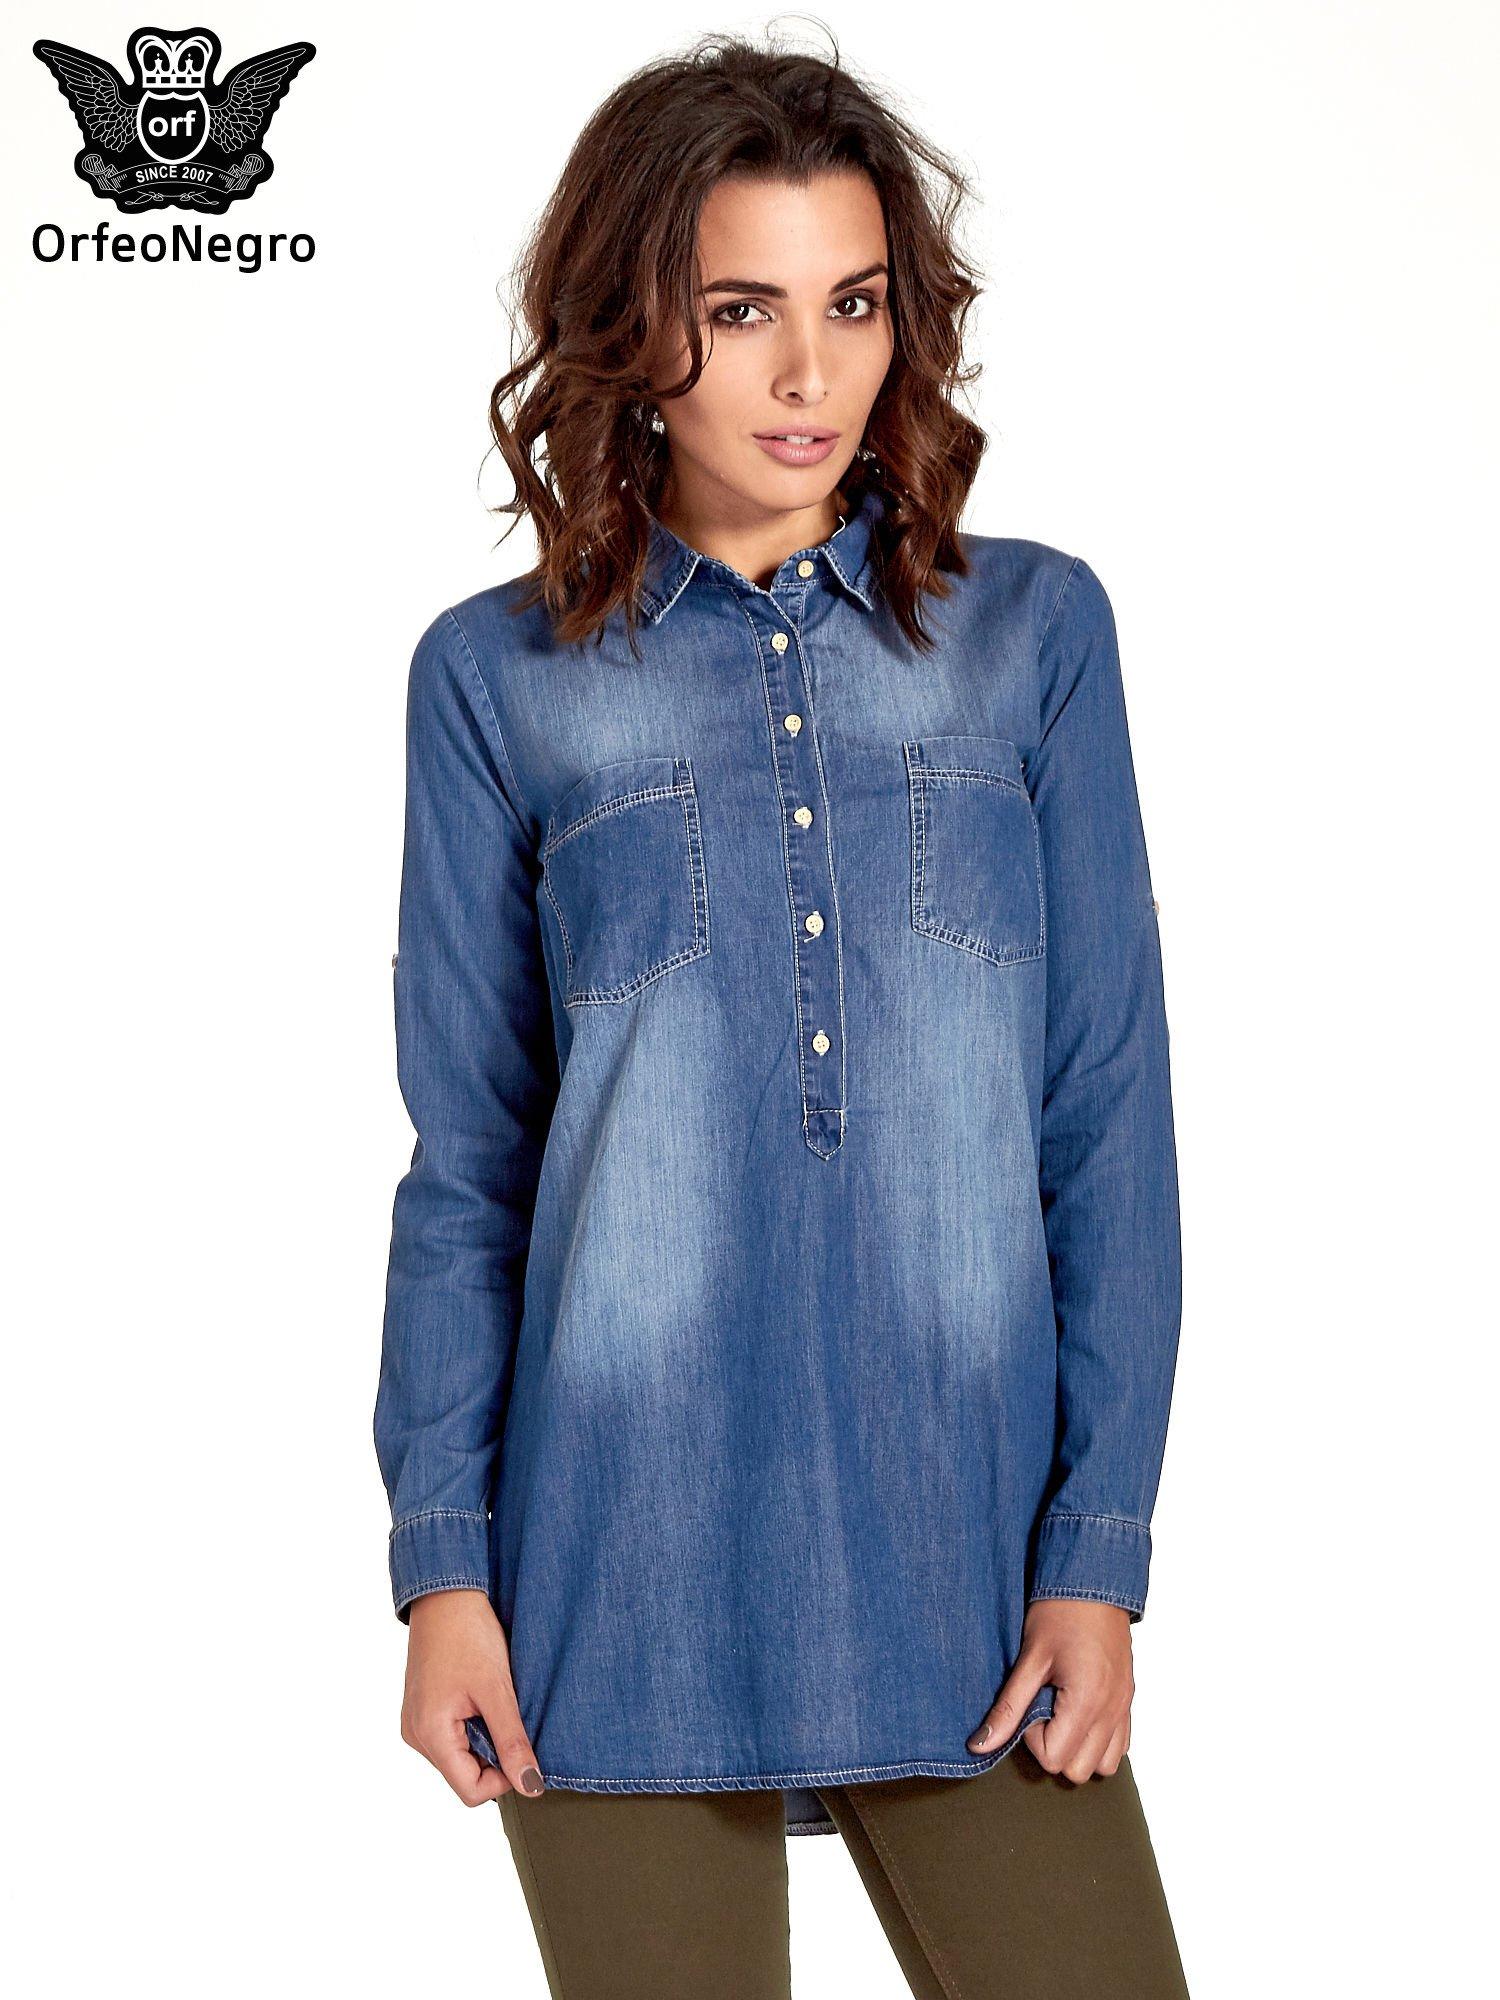 Ciemnoniebieska jeansowa długa koszula z kieszeniami                                  zdj.                                  1